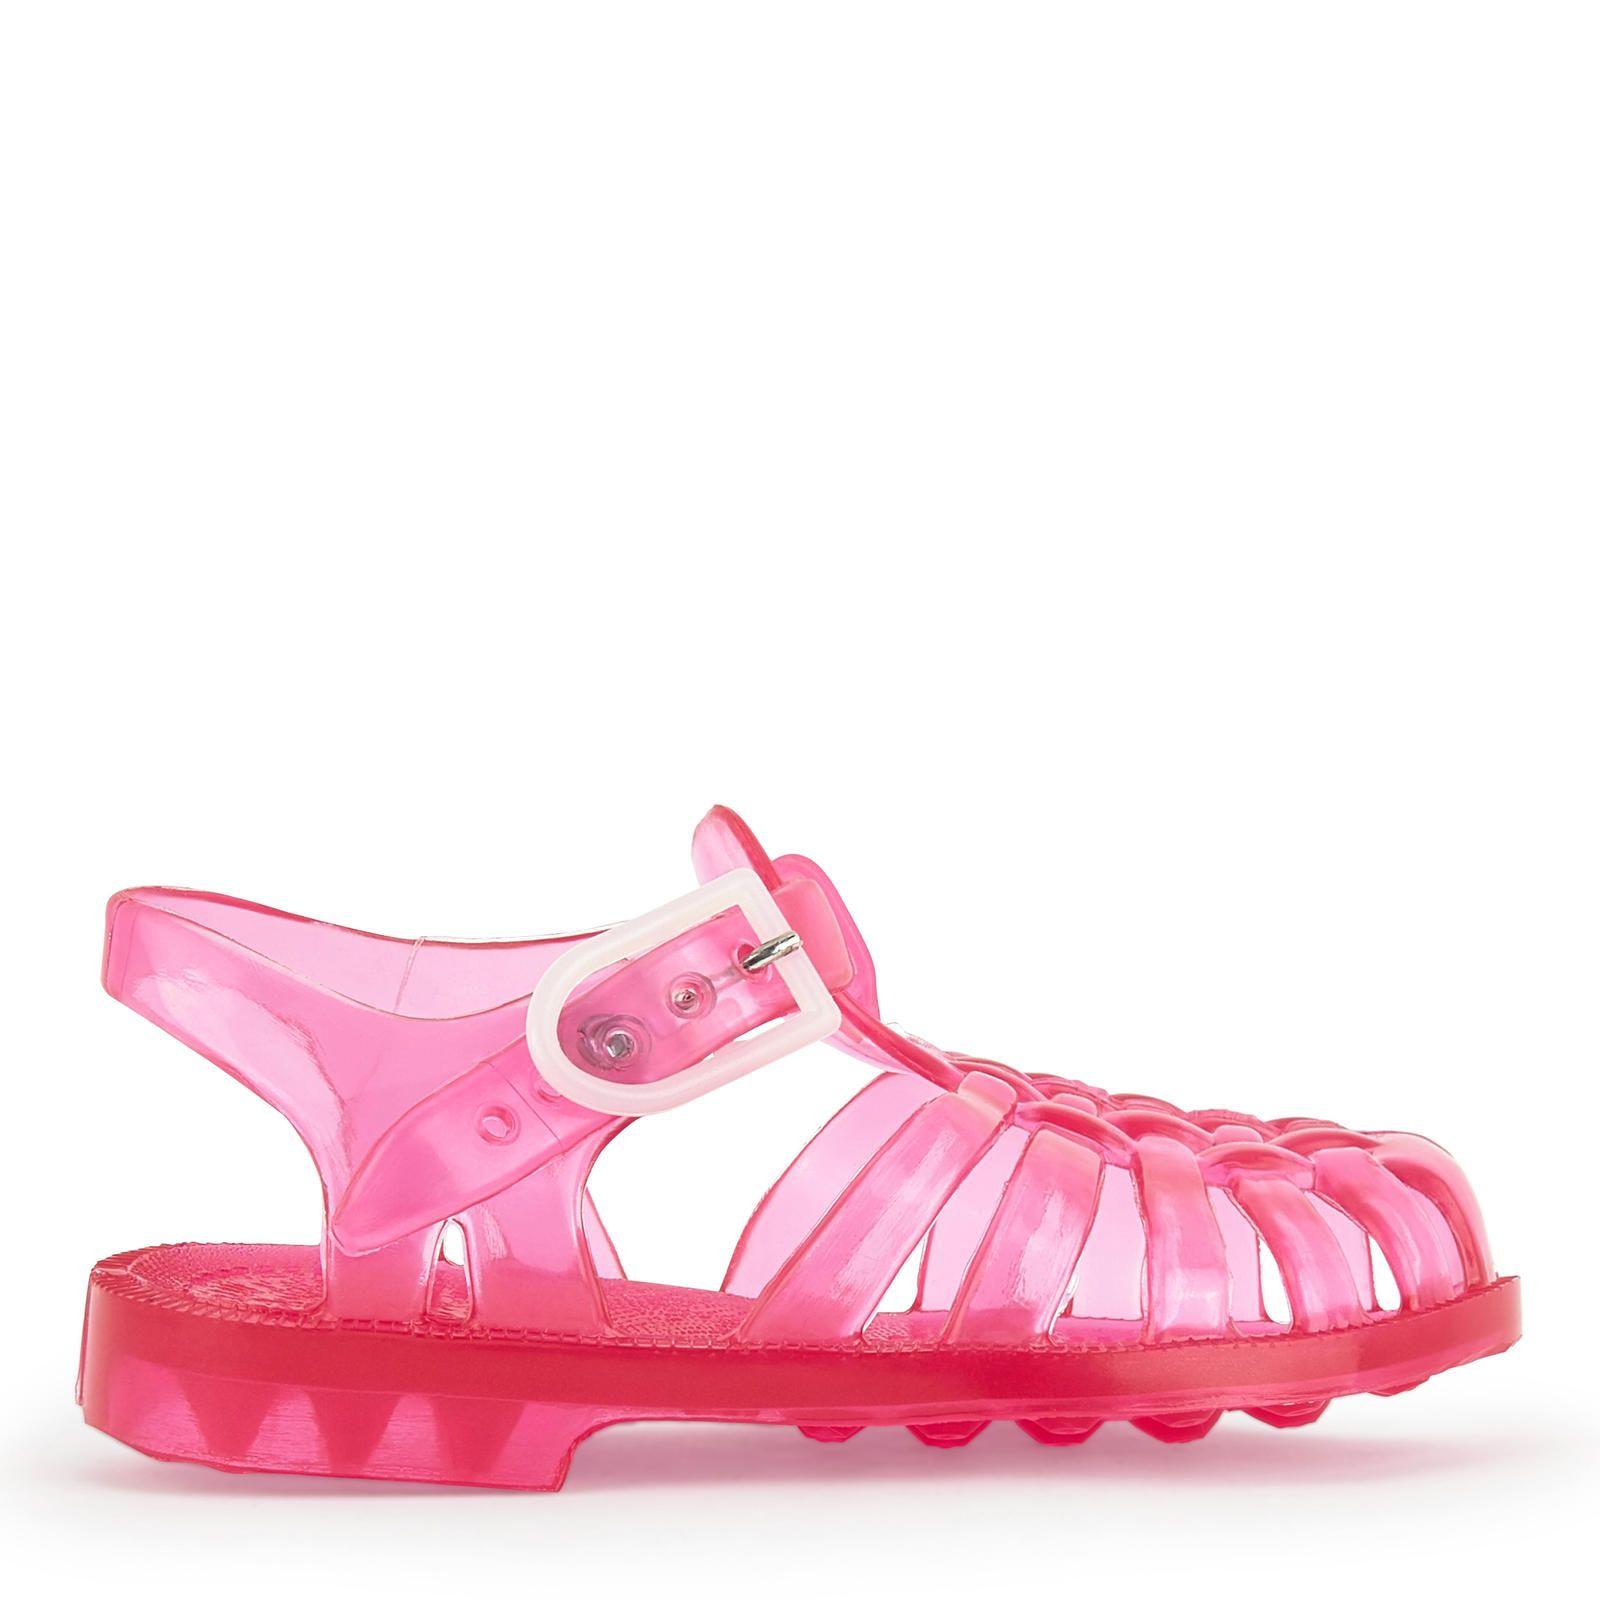 Tiges en PVC Semelles en PVC Tiges souples Chaussures idéales pour marcher et jouer dans l'eau Brides autour des chevilles Semelles rigides Semelles antidérapantes Boucles sur brides - 15,00 €